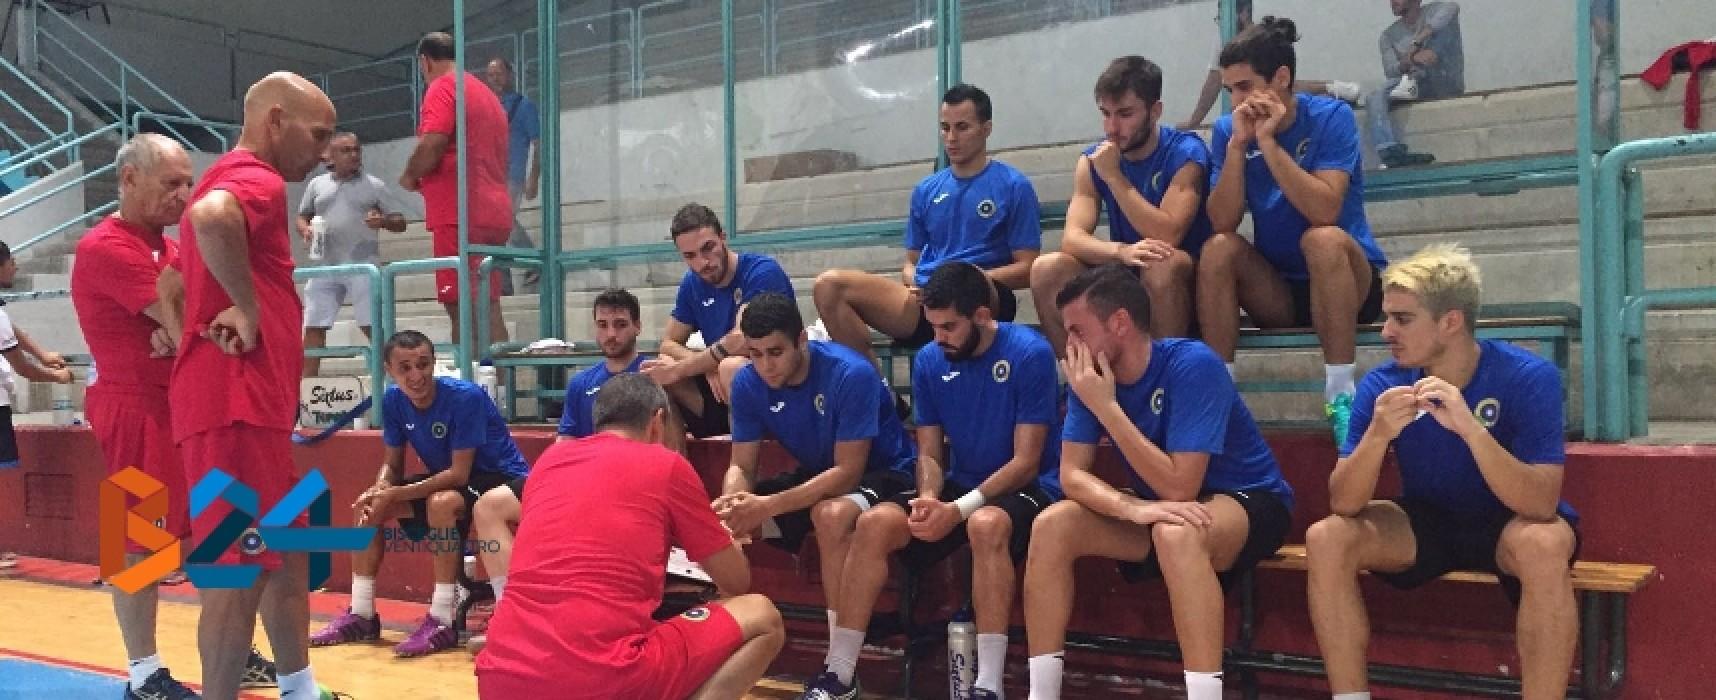 Sabato Futsal Bisceglie in campo per un Trofeo Avis di altissimo livello